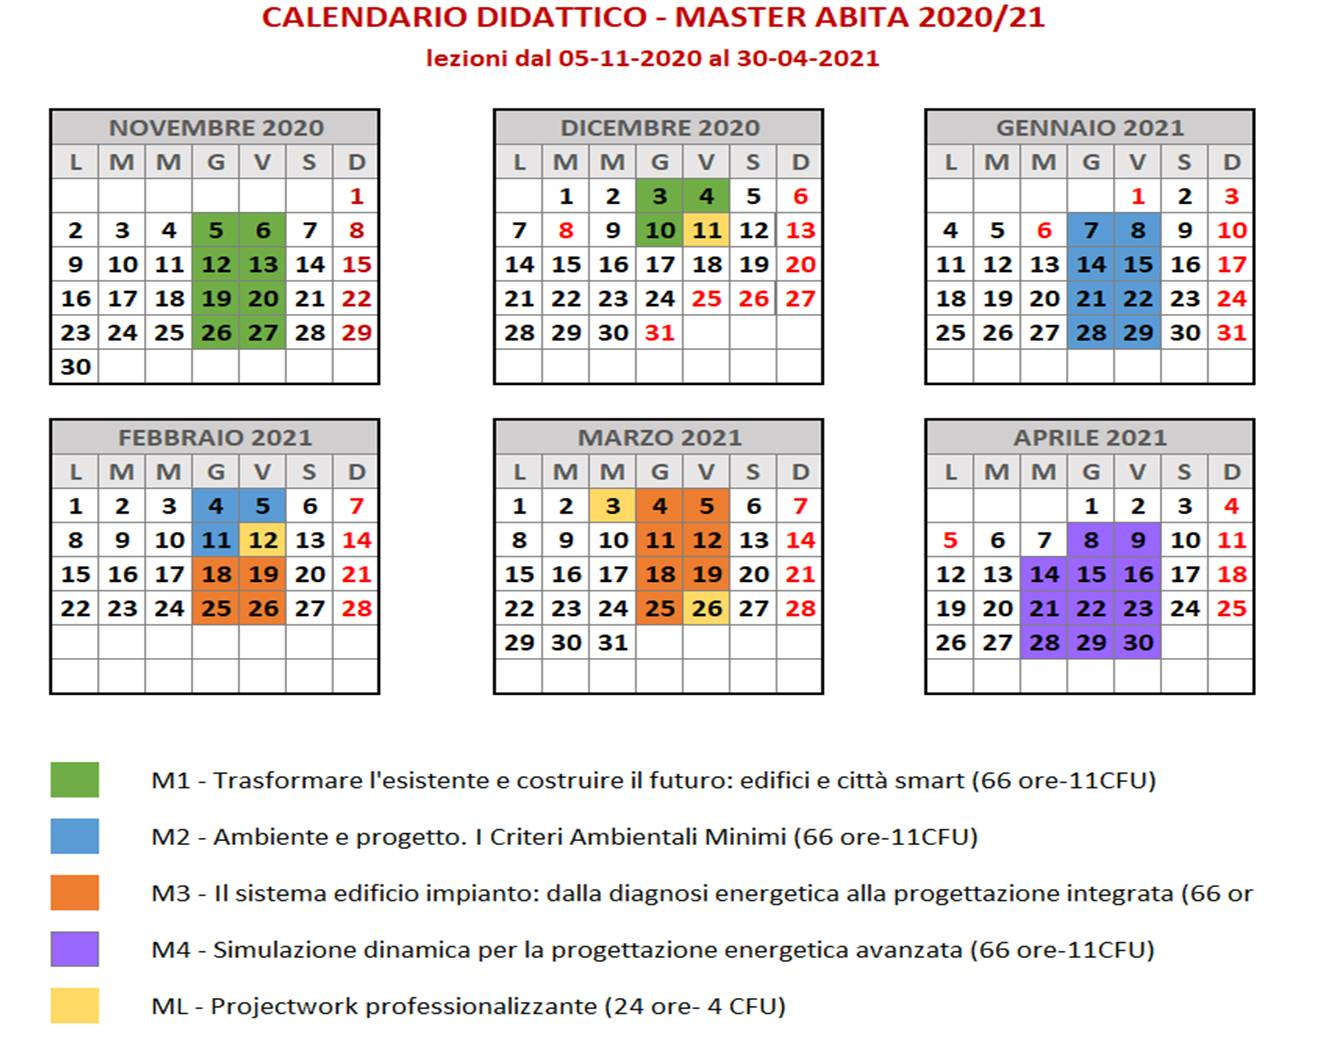 Unifi Calendario 2020 2021 Calendario Master ABITA 2020 2021 | News | ABITA: Centro